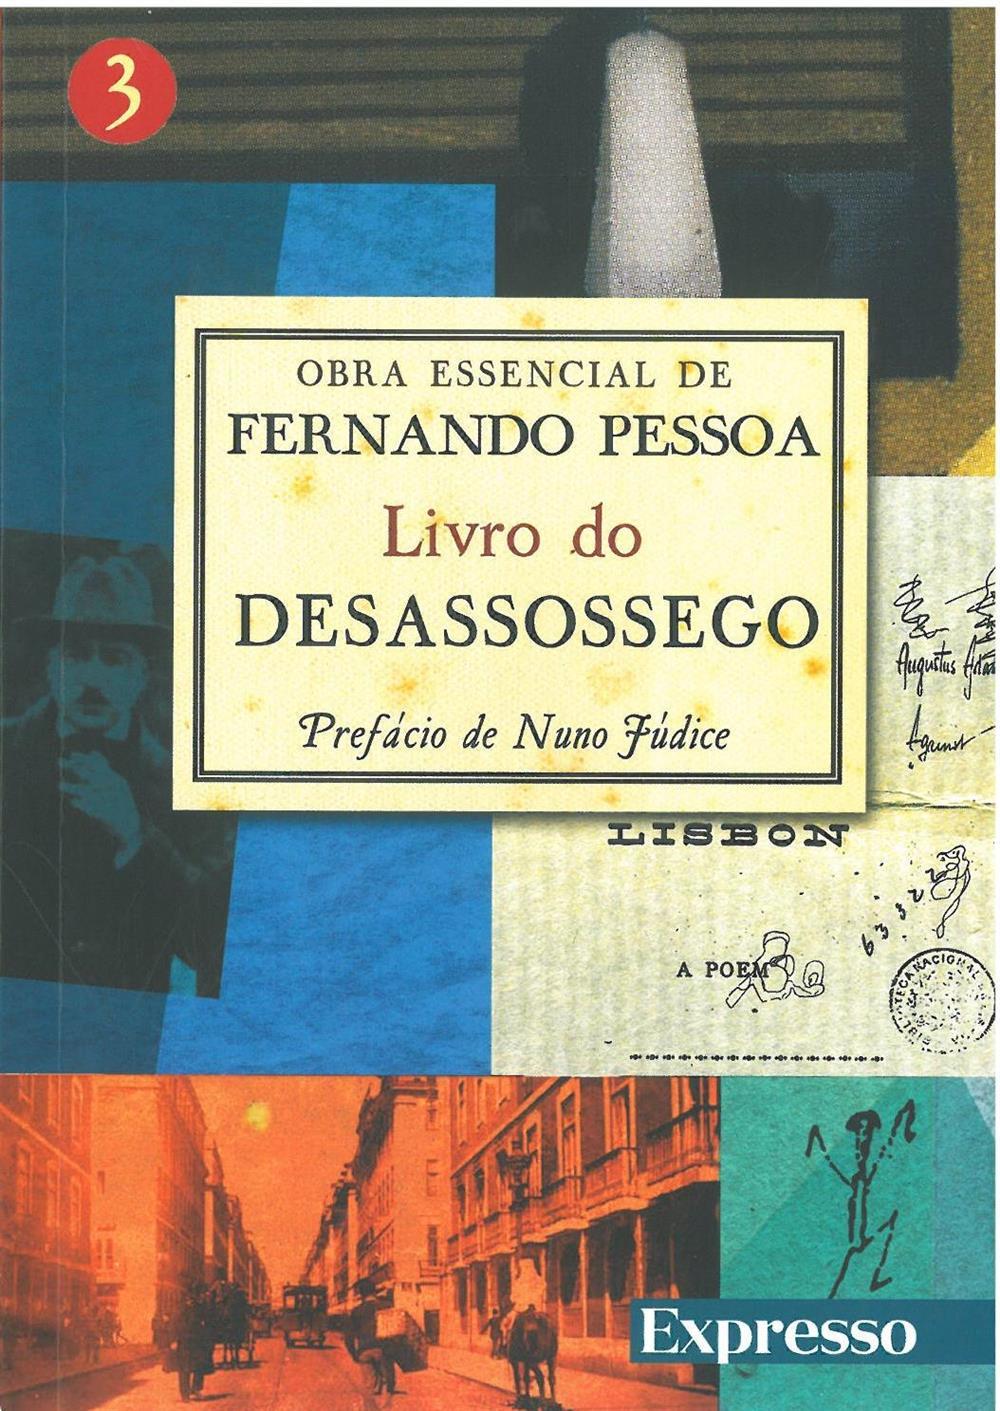 Livro do desassossego_.jpg